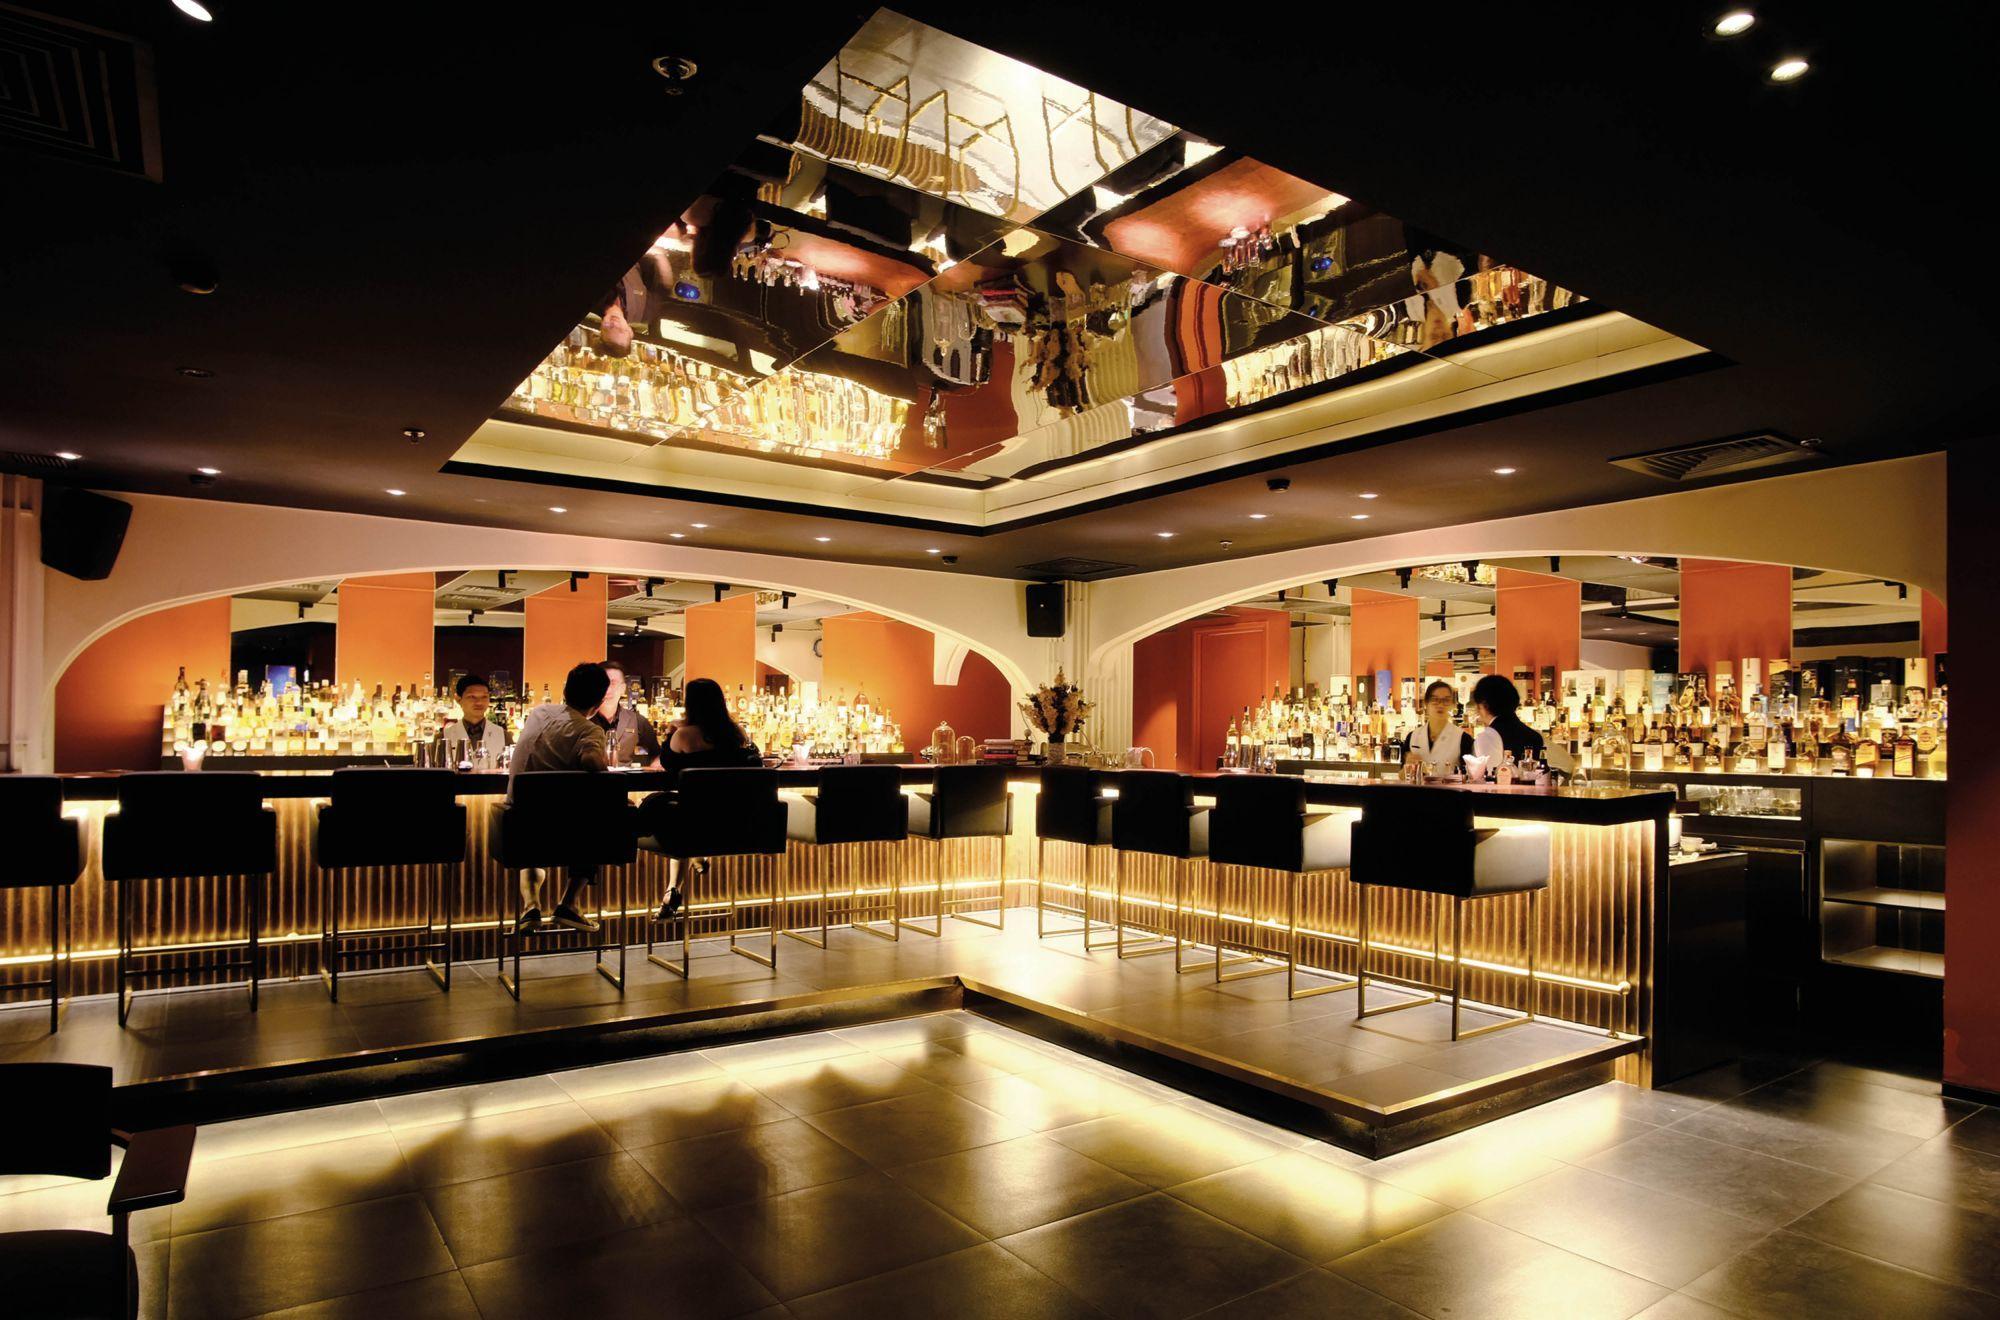 亞洲正在引領潮流!精選東方風味酒吧下集:亞洲調酒常用明星食材、不可錯過的5間亞洲特色酒吧